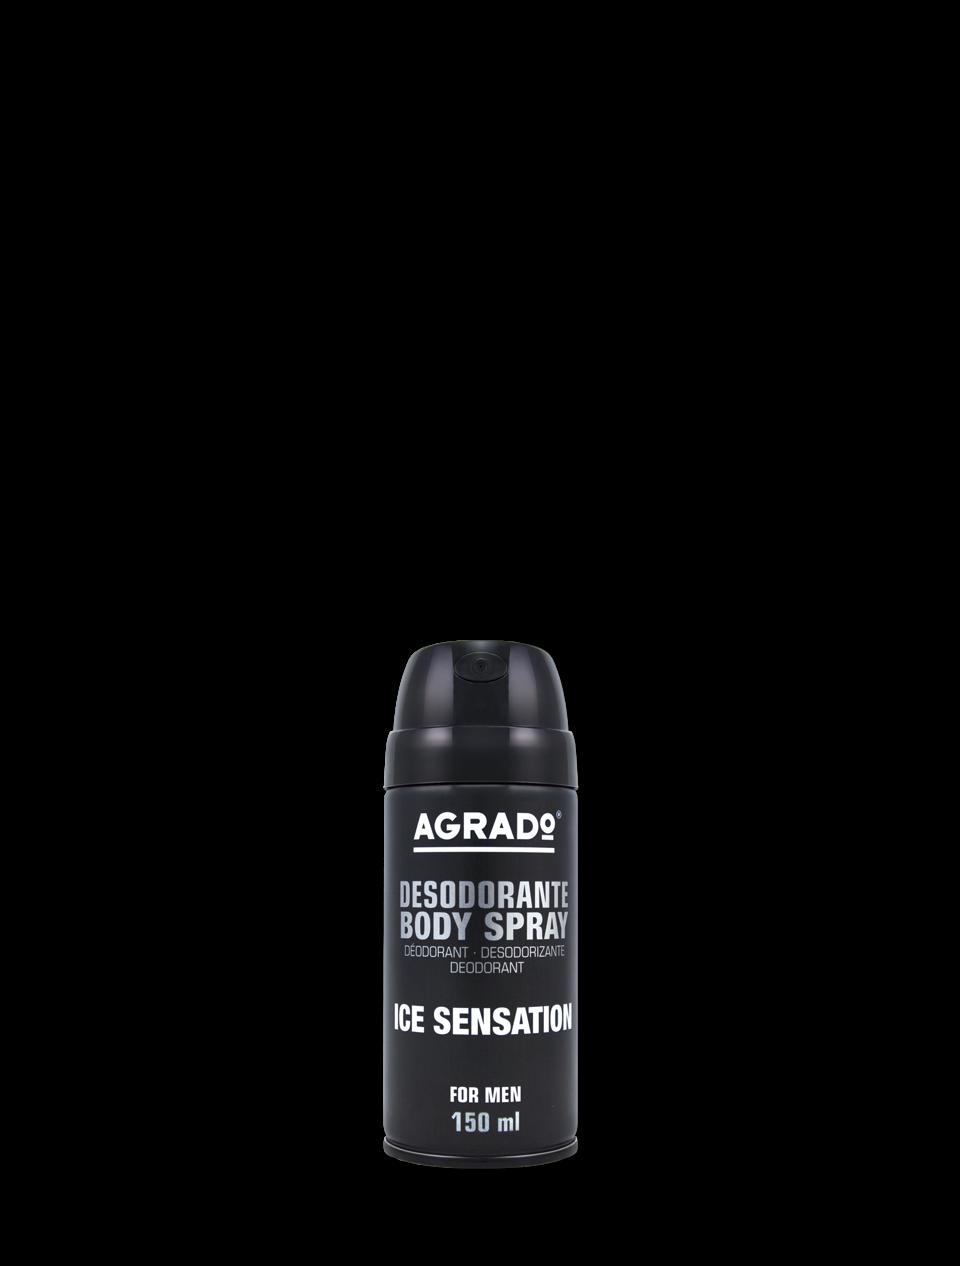 desodorante-body-spray-wild-chocolate-agrado-5258